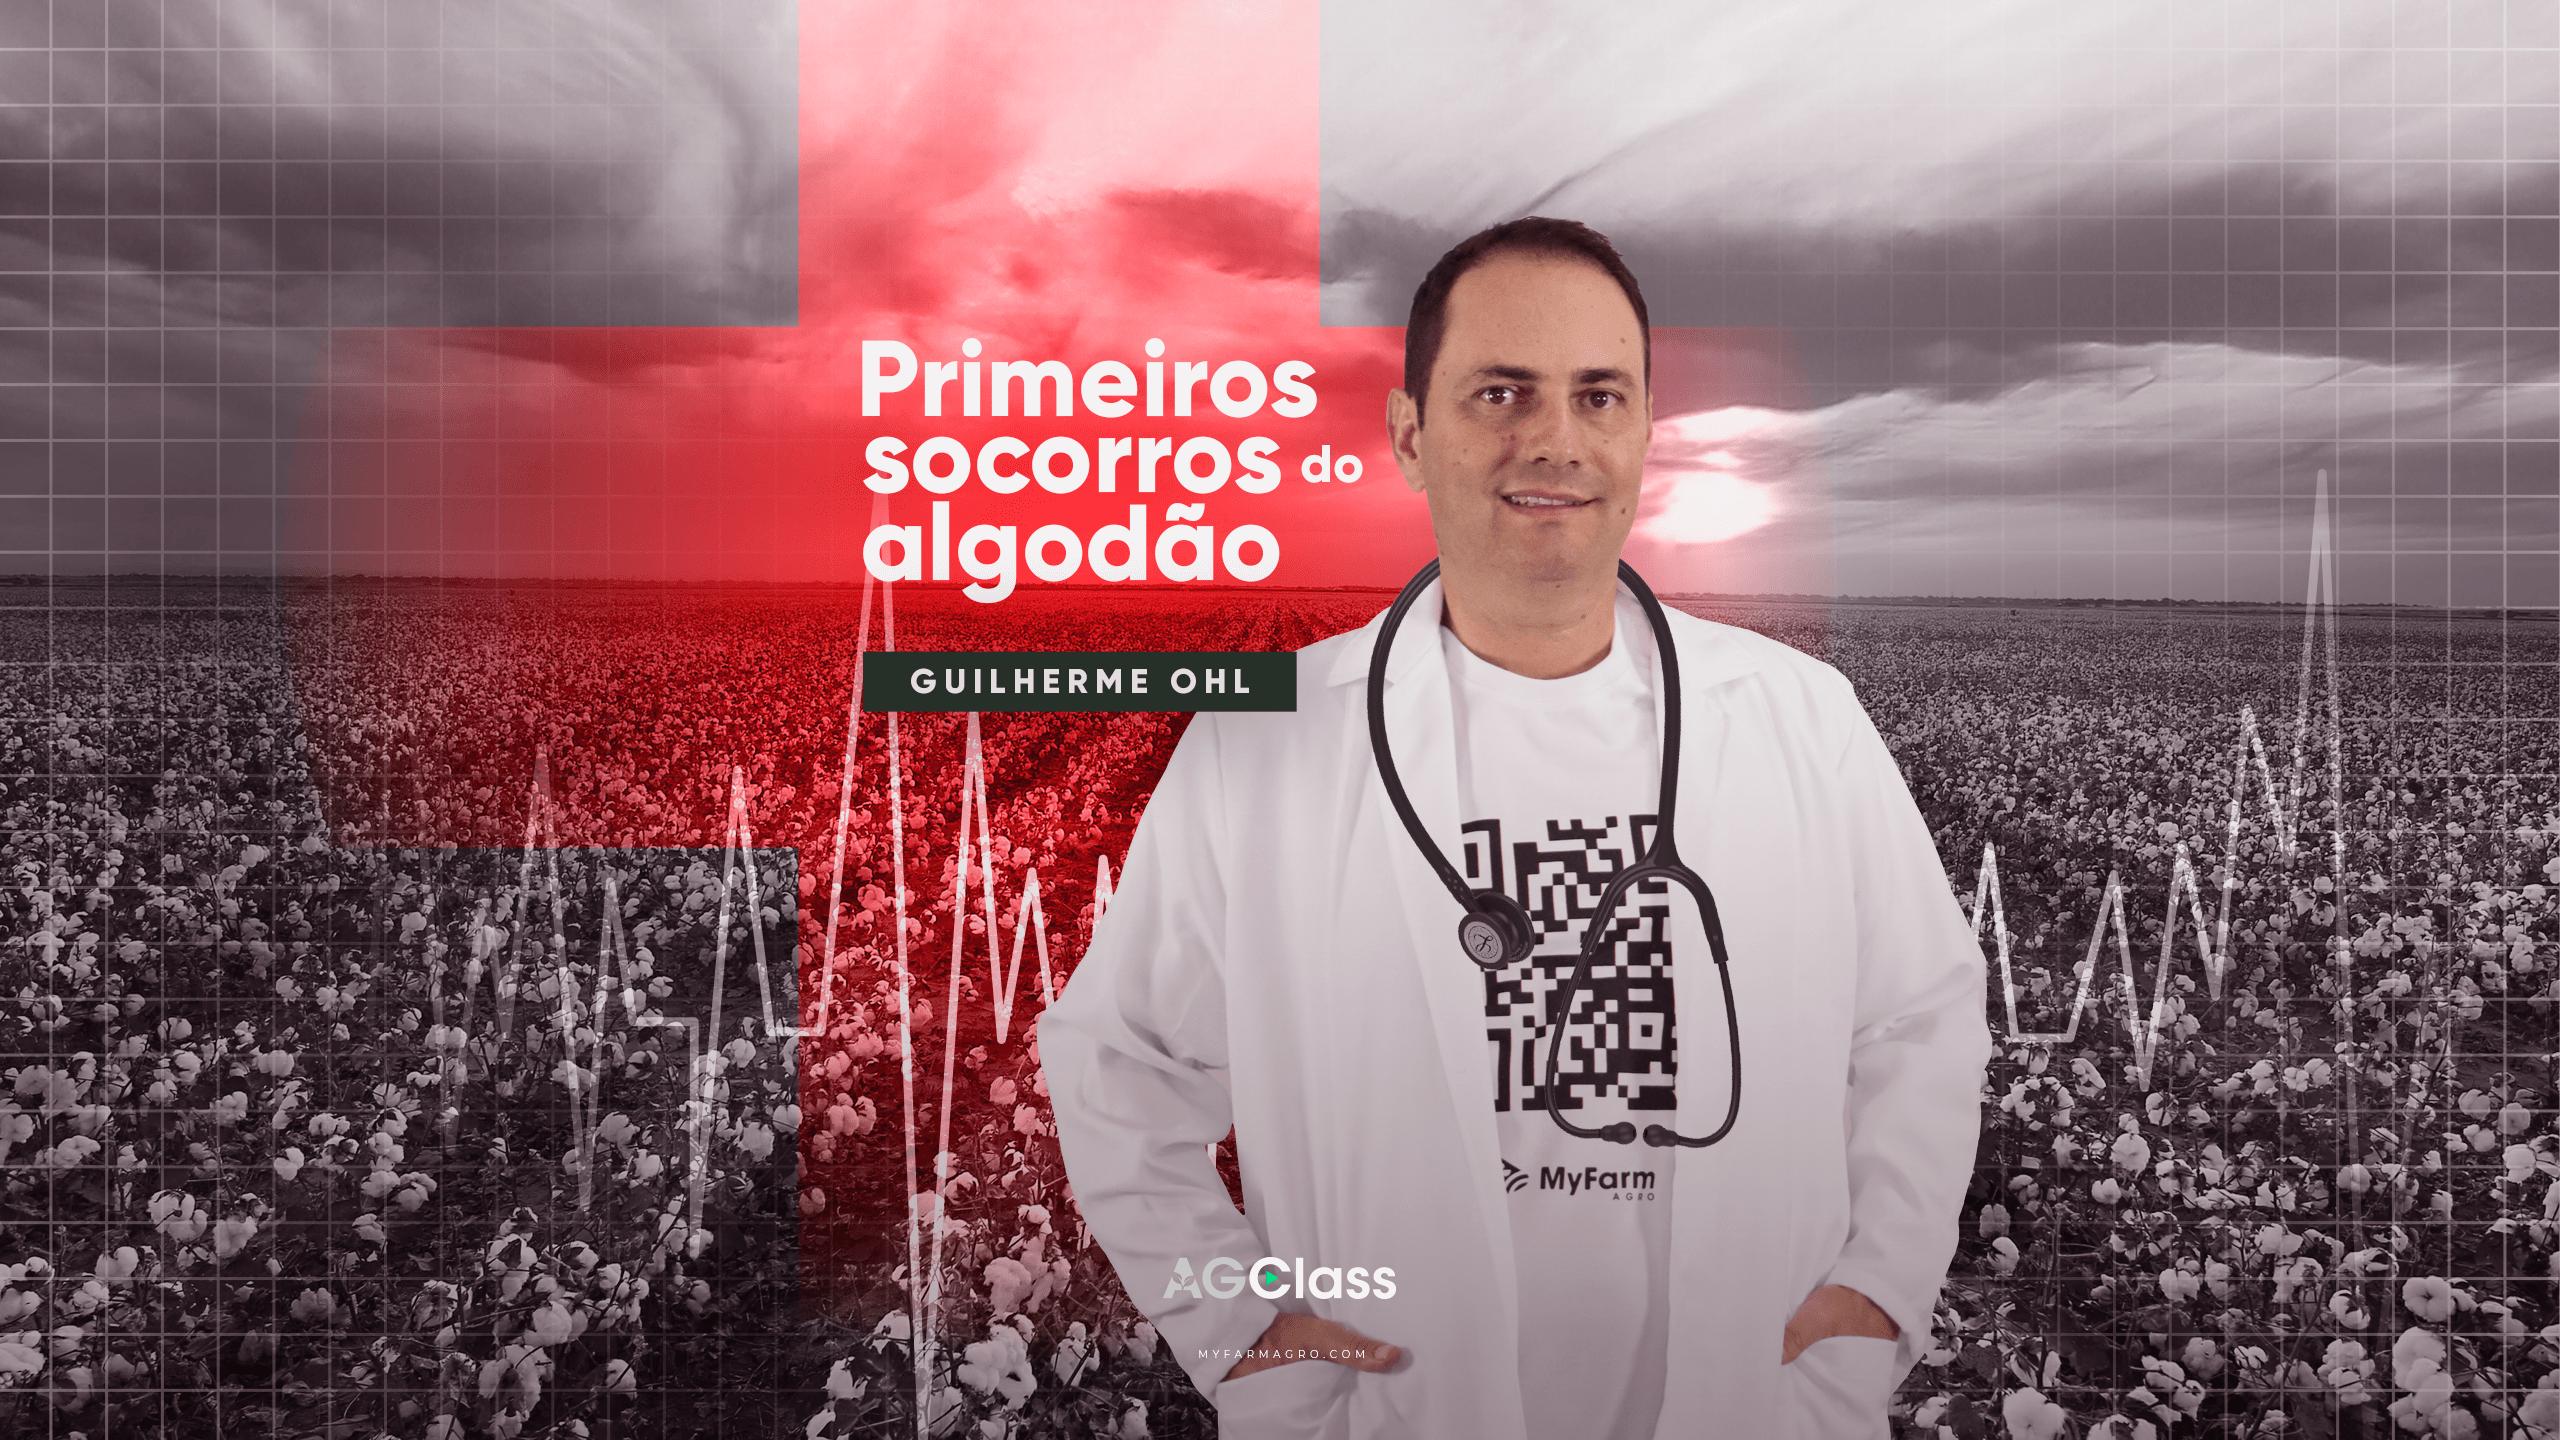 PRIMEIROS SOCORROS DO ALGODÃO